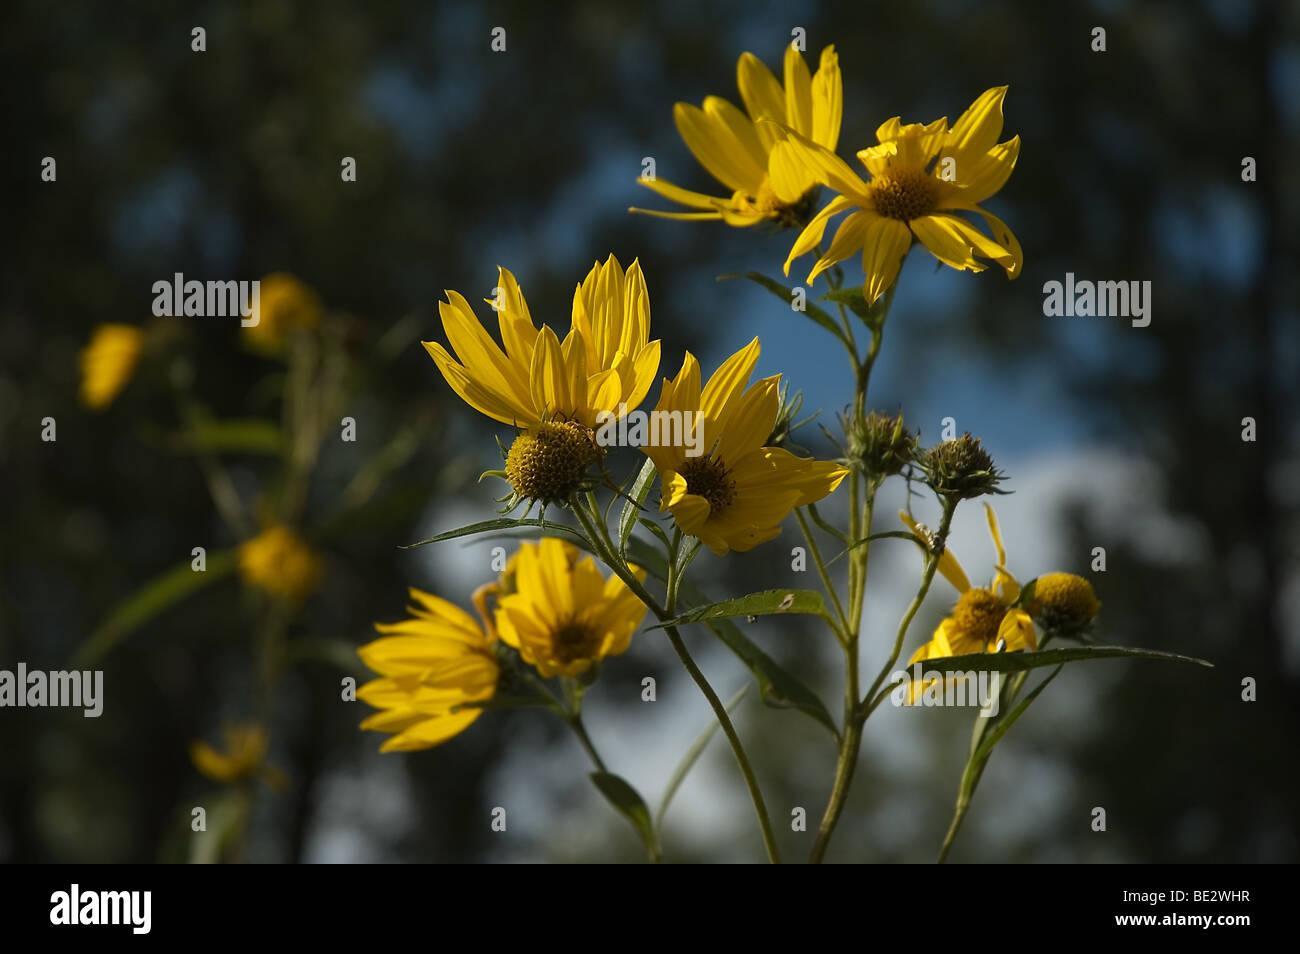 Fiori Di Campo Gialli.Fiori Di Campo Giallo Foto Immagine Stock 25879555 Alamy